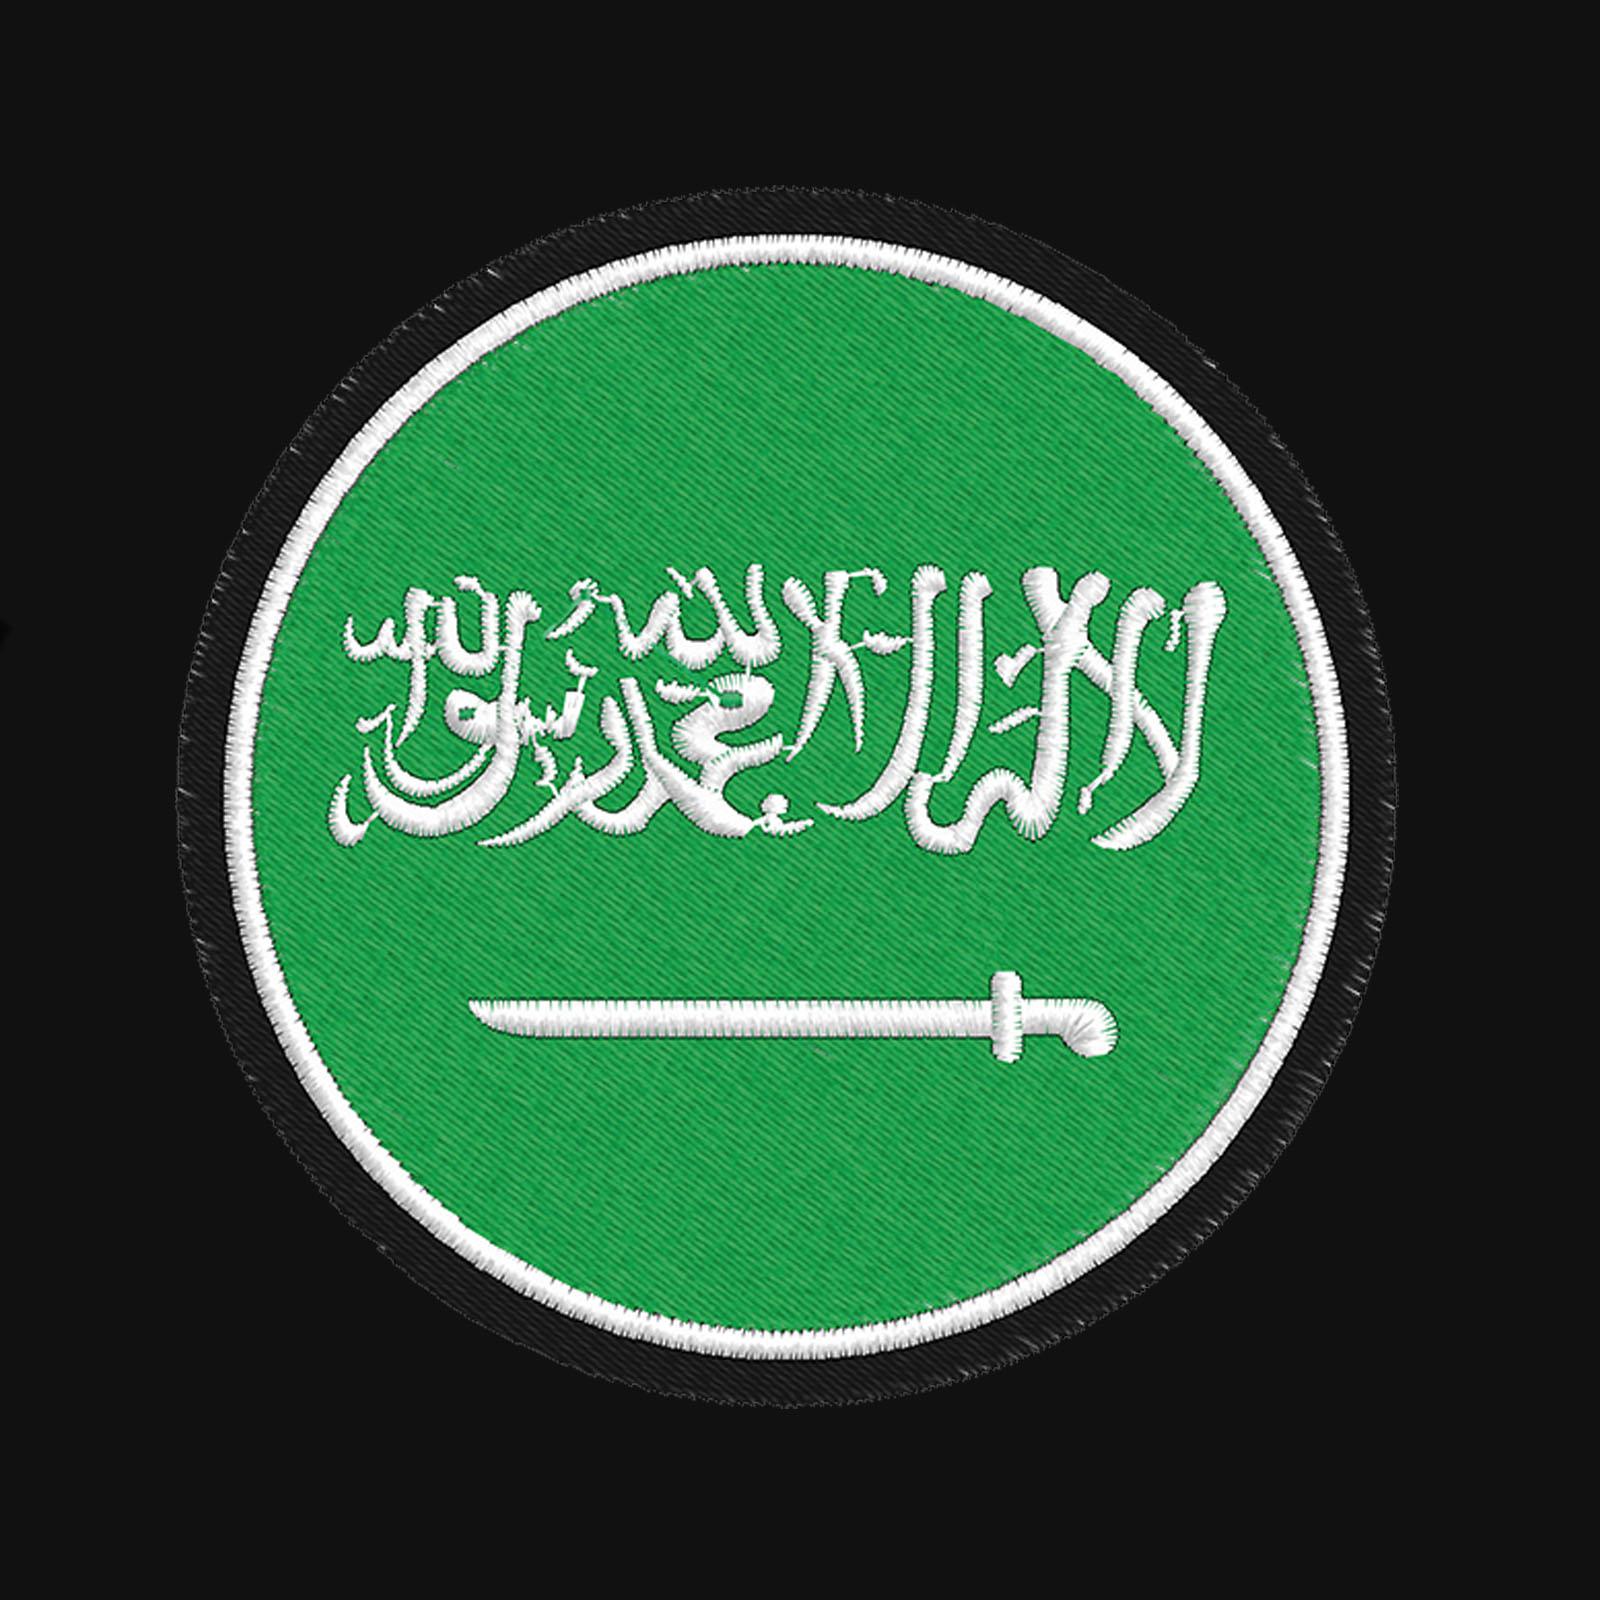 Спортивная толстовка с нашивкой Саудовская Аравия купить по экономичной цене